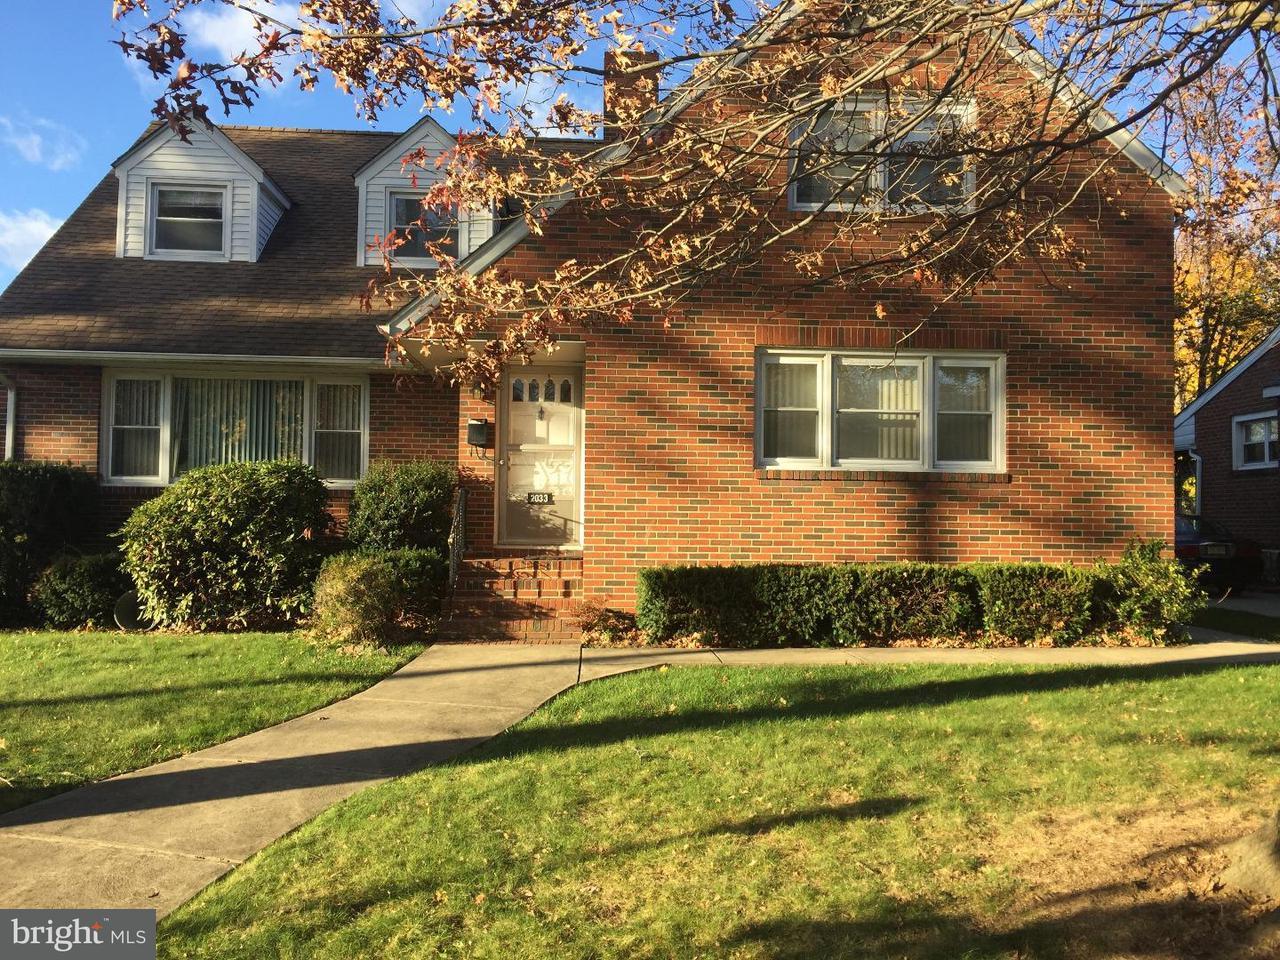 Частный односемейный дом для того Аренда на 2033 WAYNE Avenue Haddon Heights, Нью-Джерси 08035 Соединенные Штаты